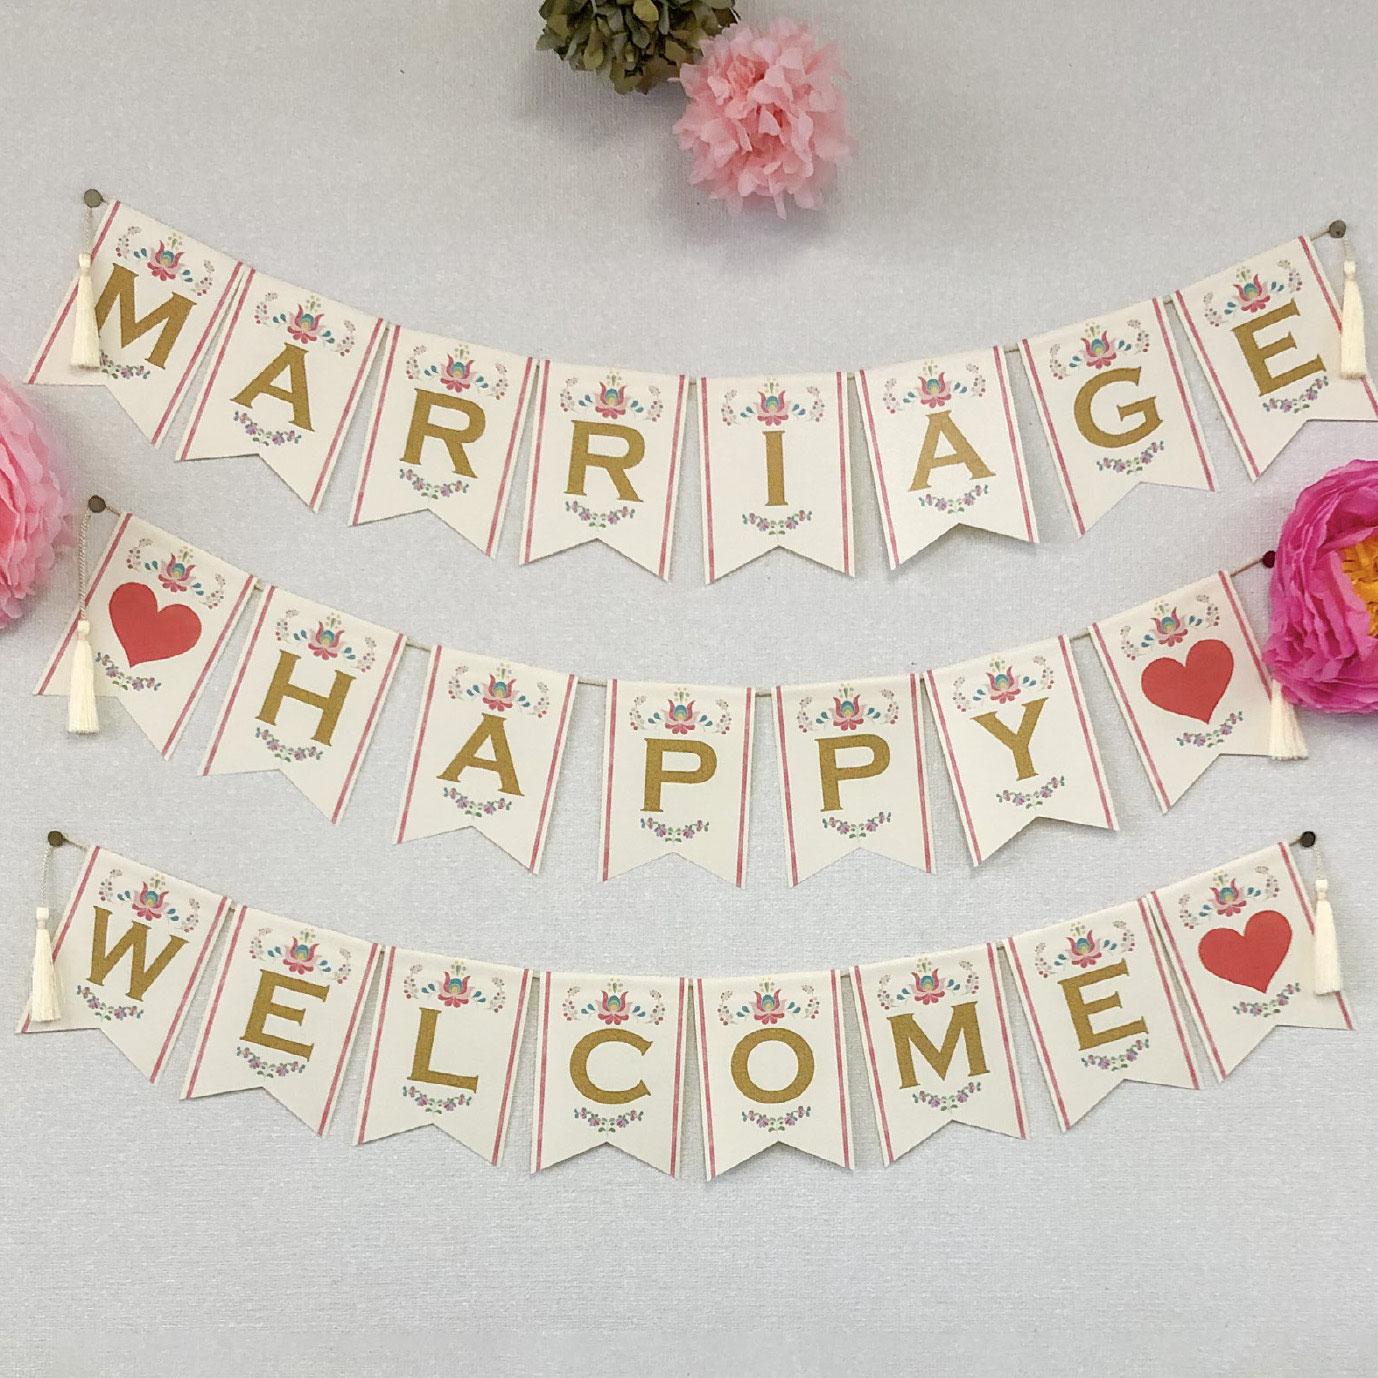 「婚姻届Laboオリジナル ガーランドキット」カロチャ メッセージ3種「MARRIAGE」「♡HAPPY♡」「WELCOME♡」